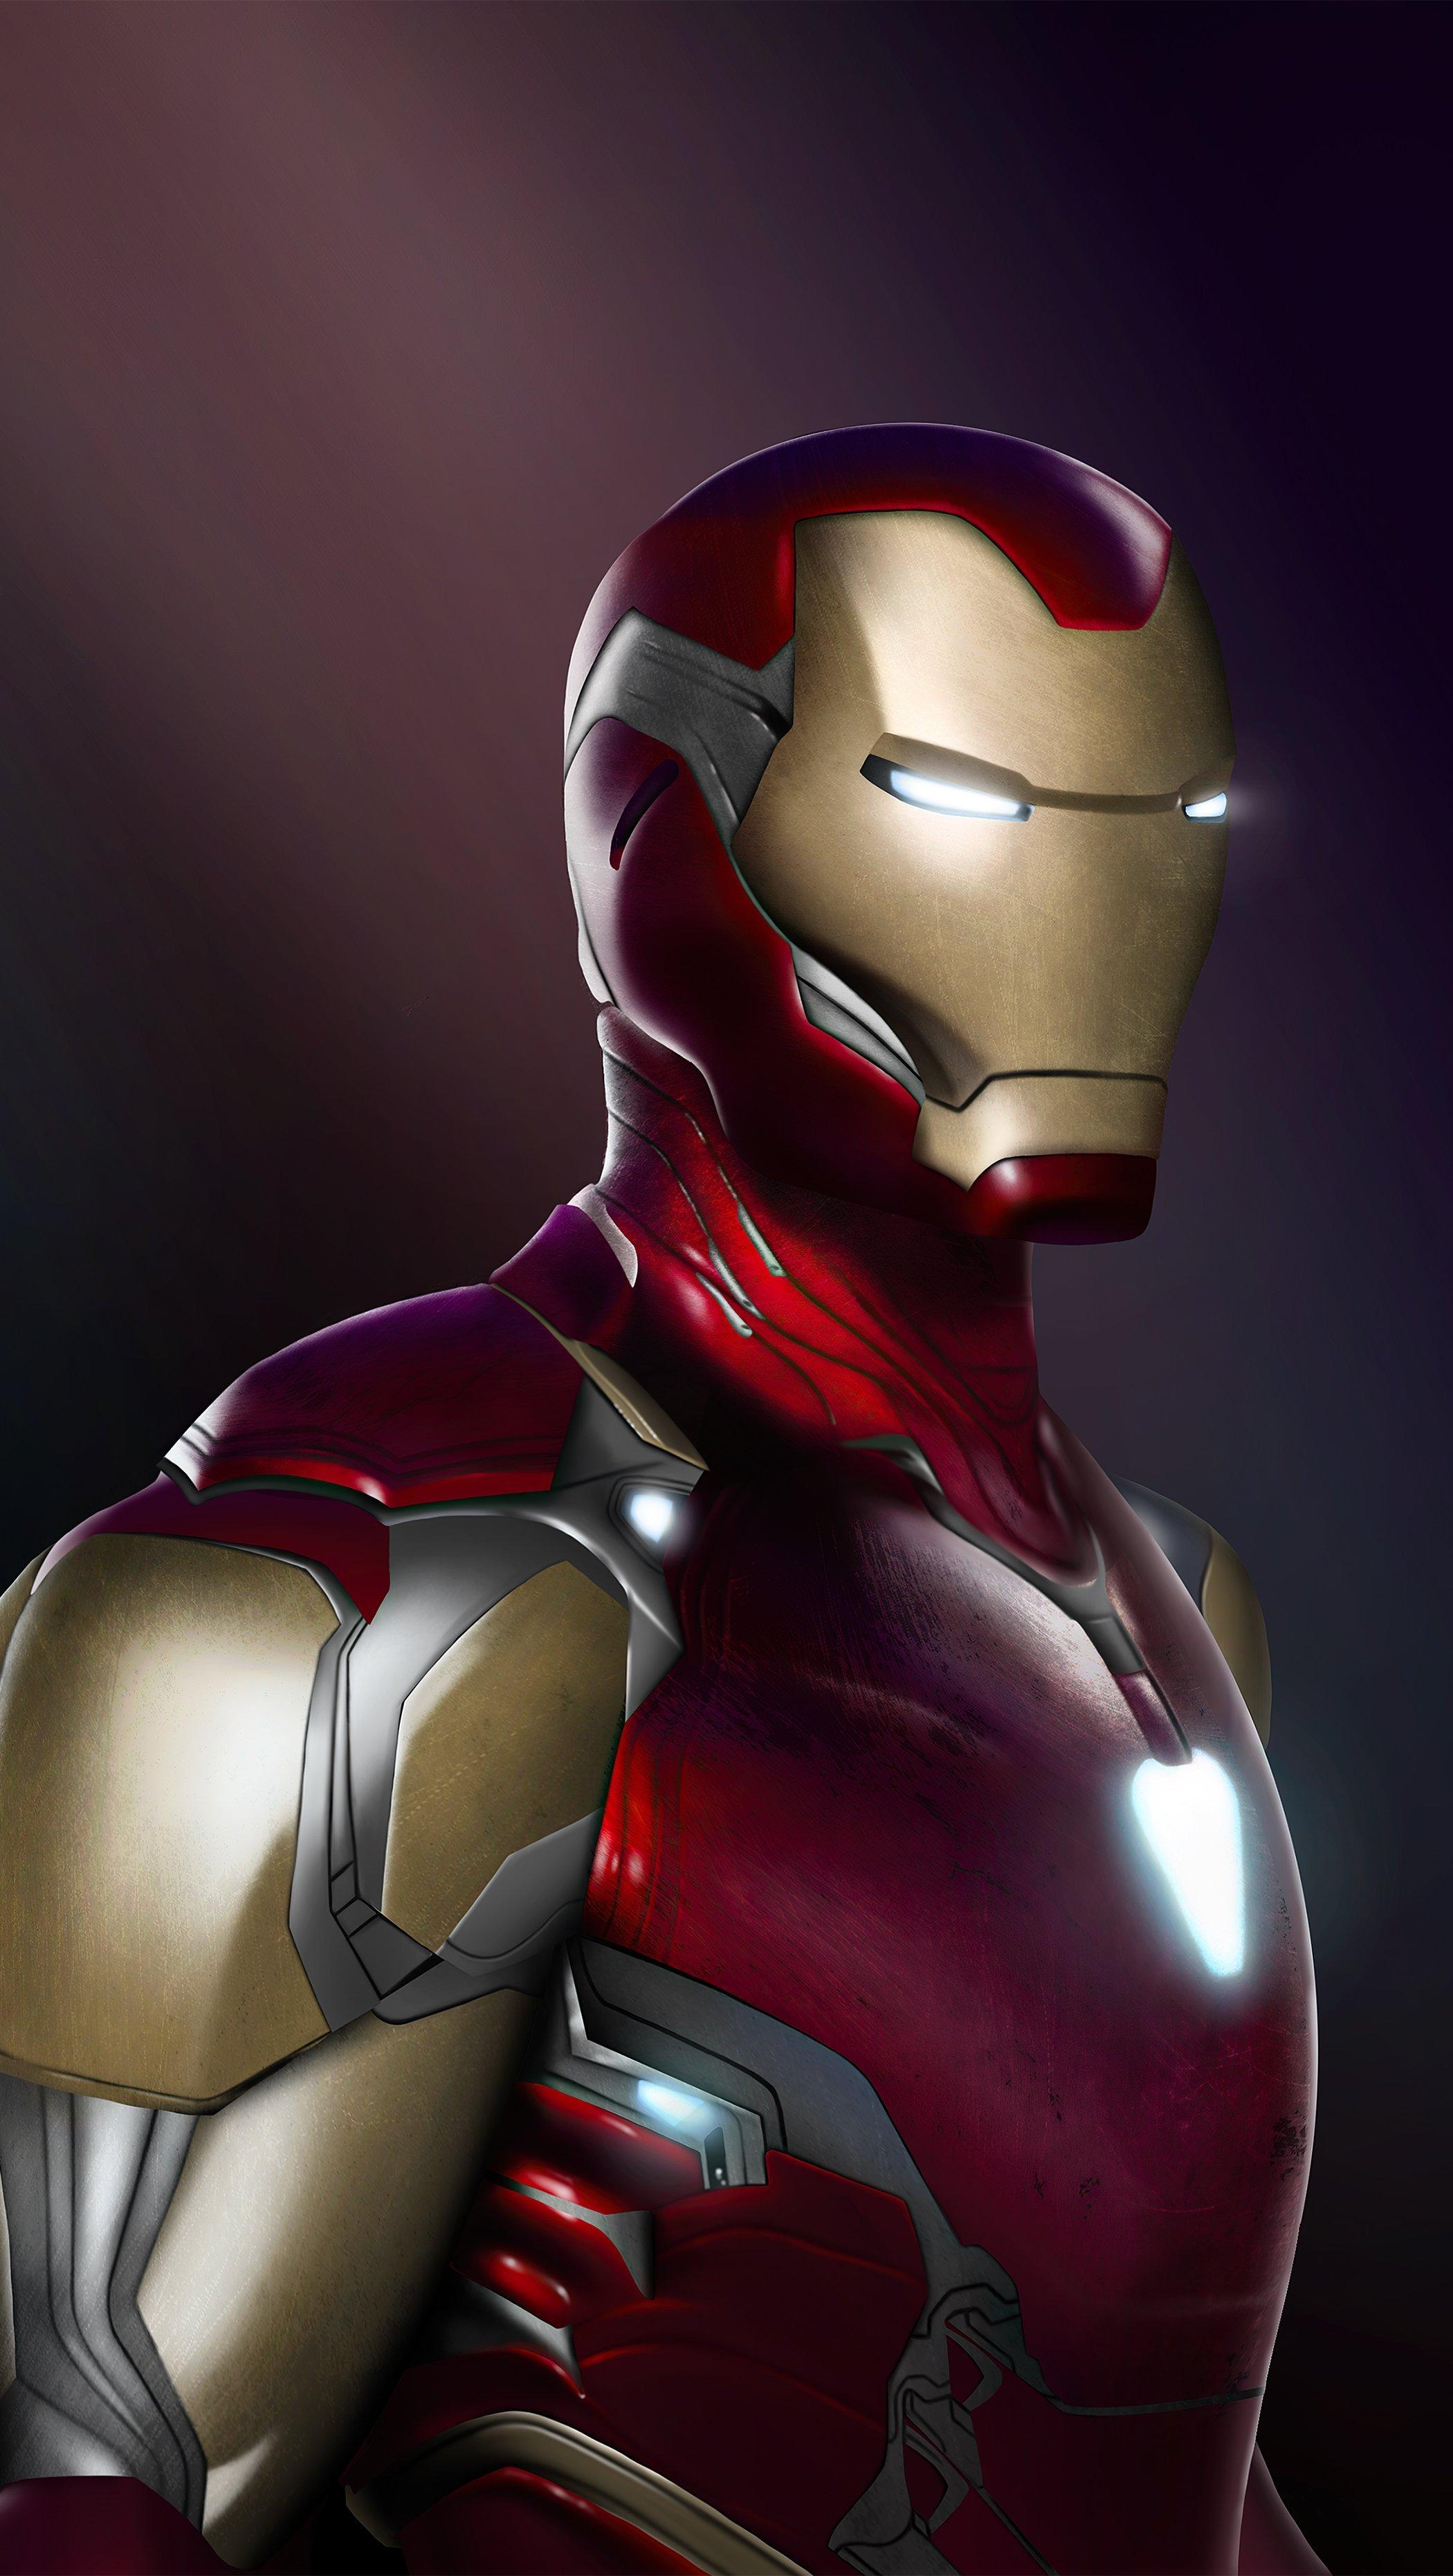 Fondos de pantalla Iron Man End Game Vertical